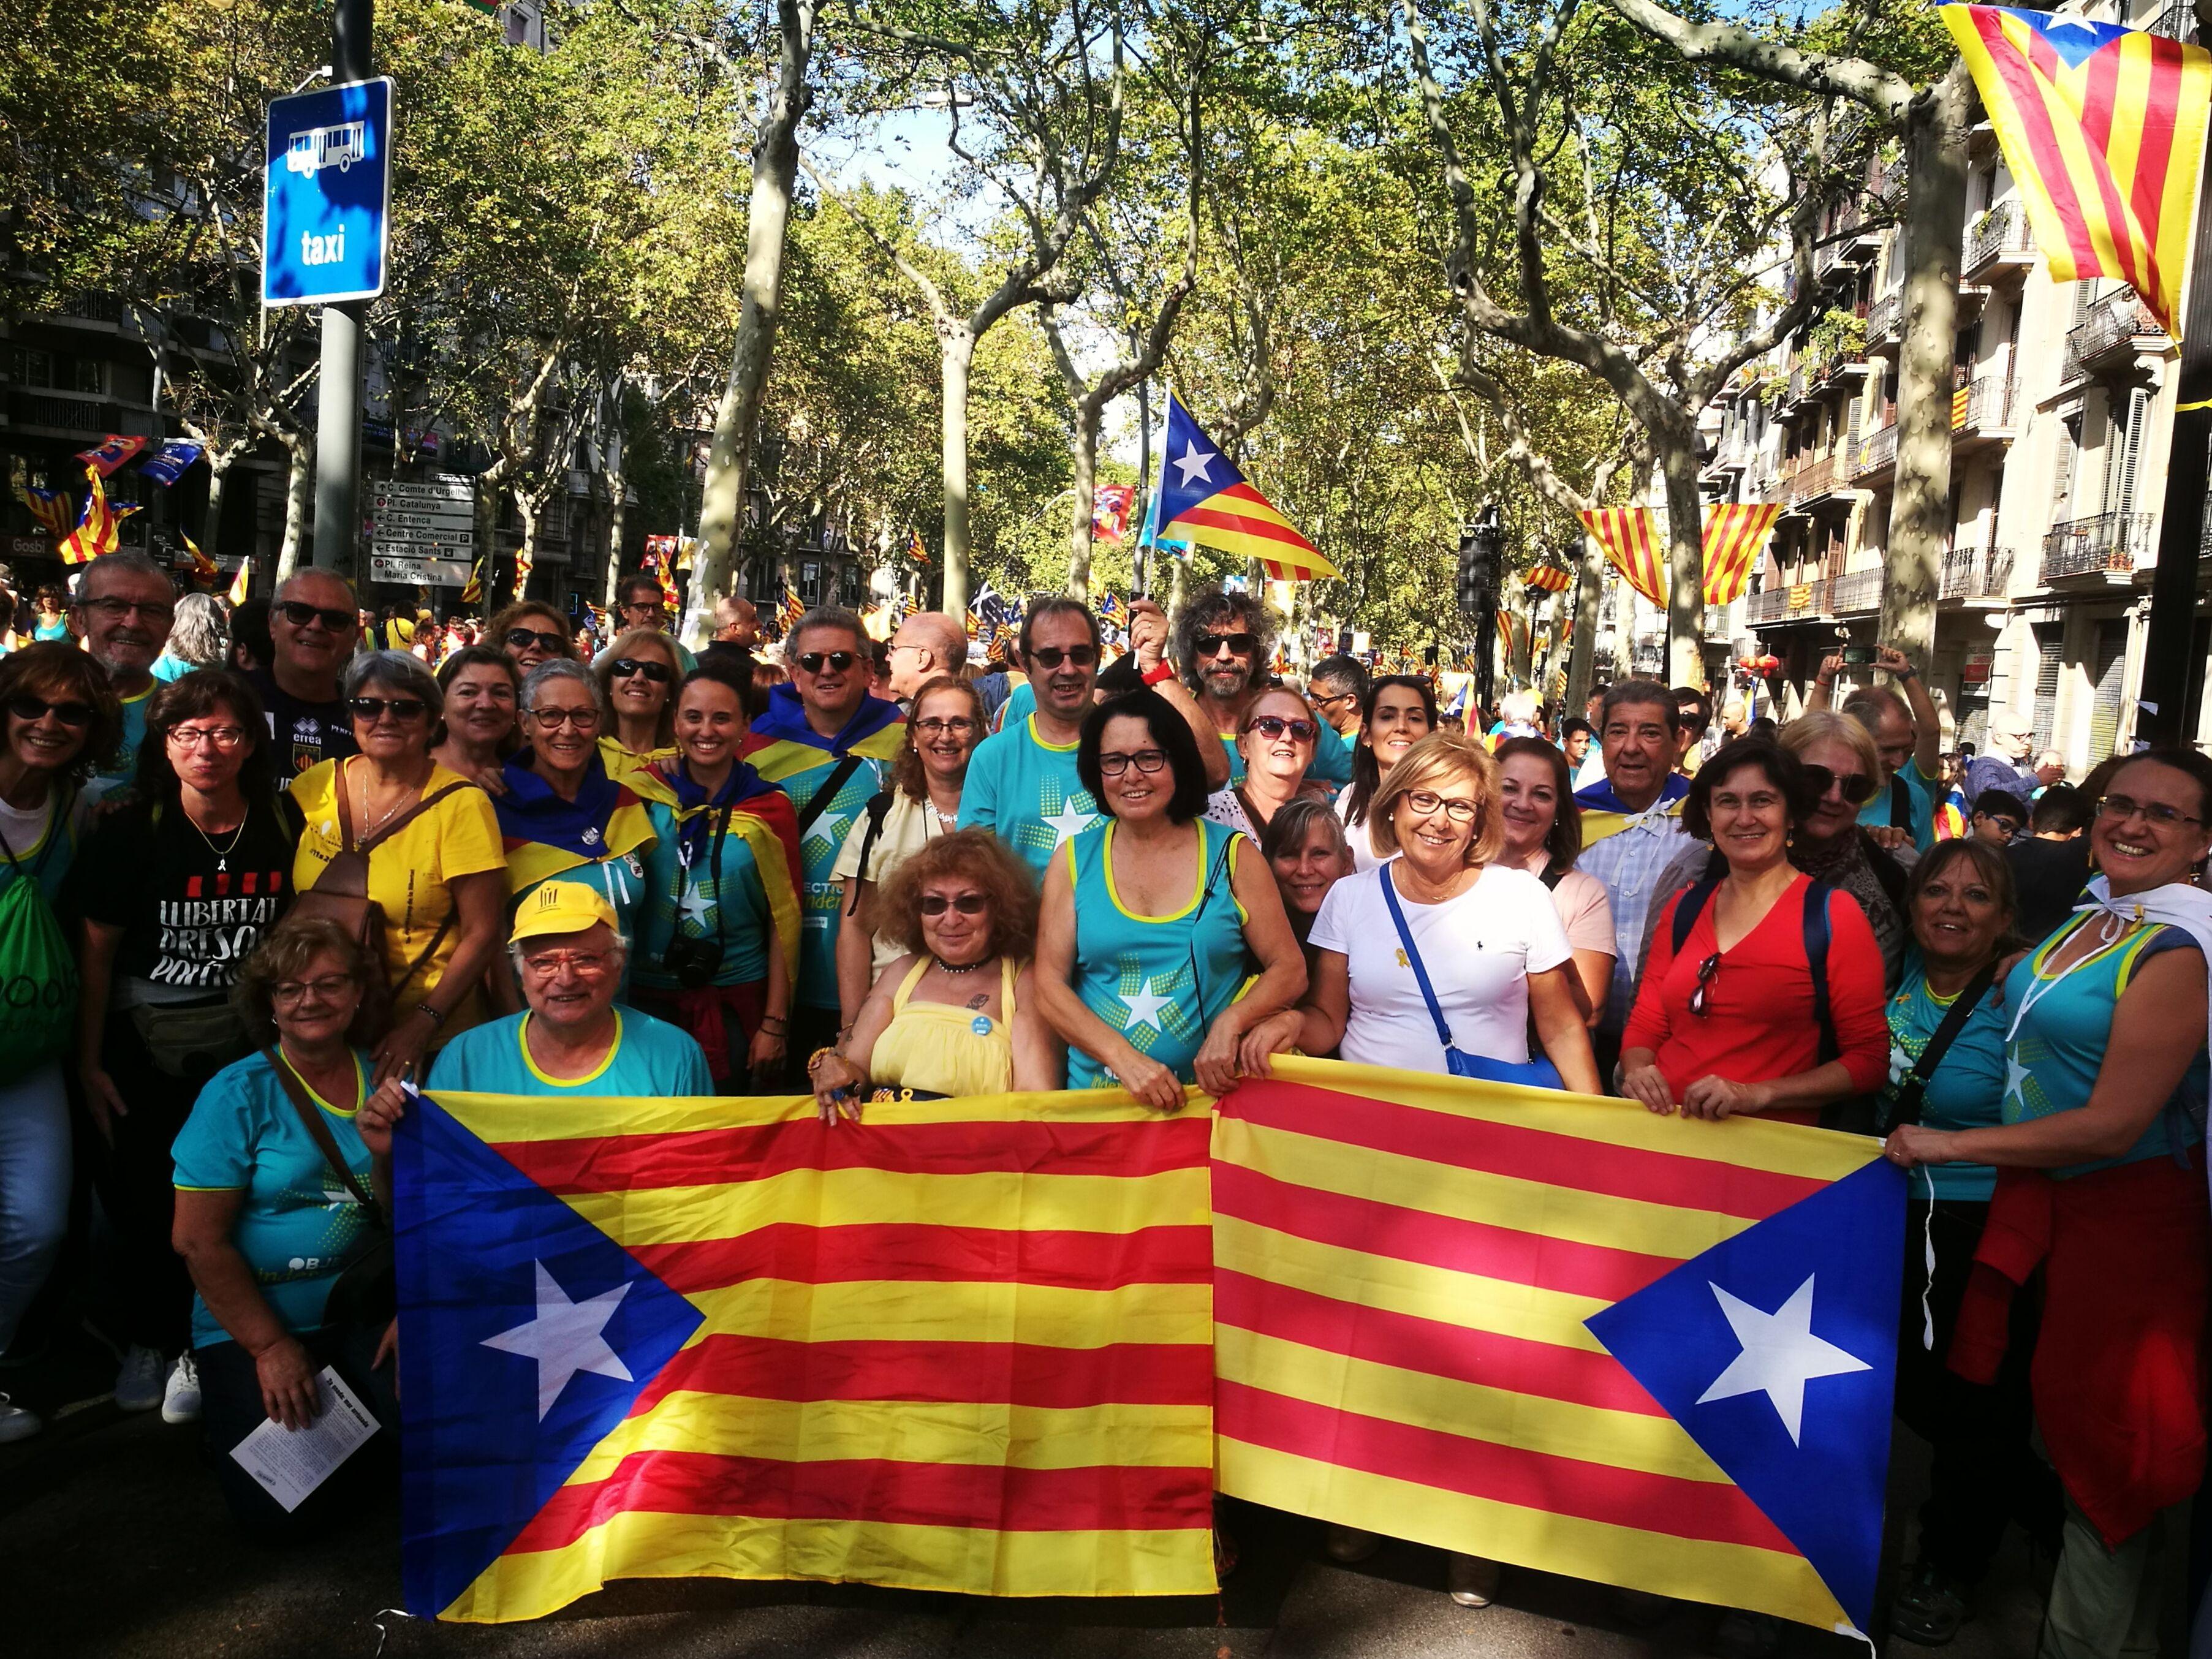 Rubinencs al tram 13 de la manifestació de Barcelona